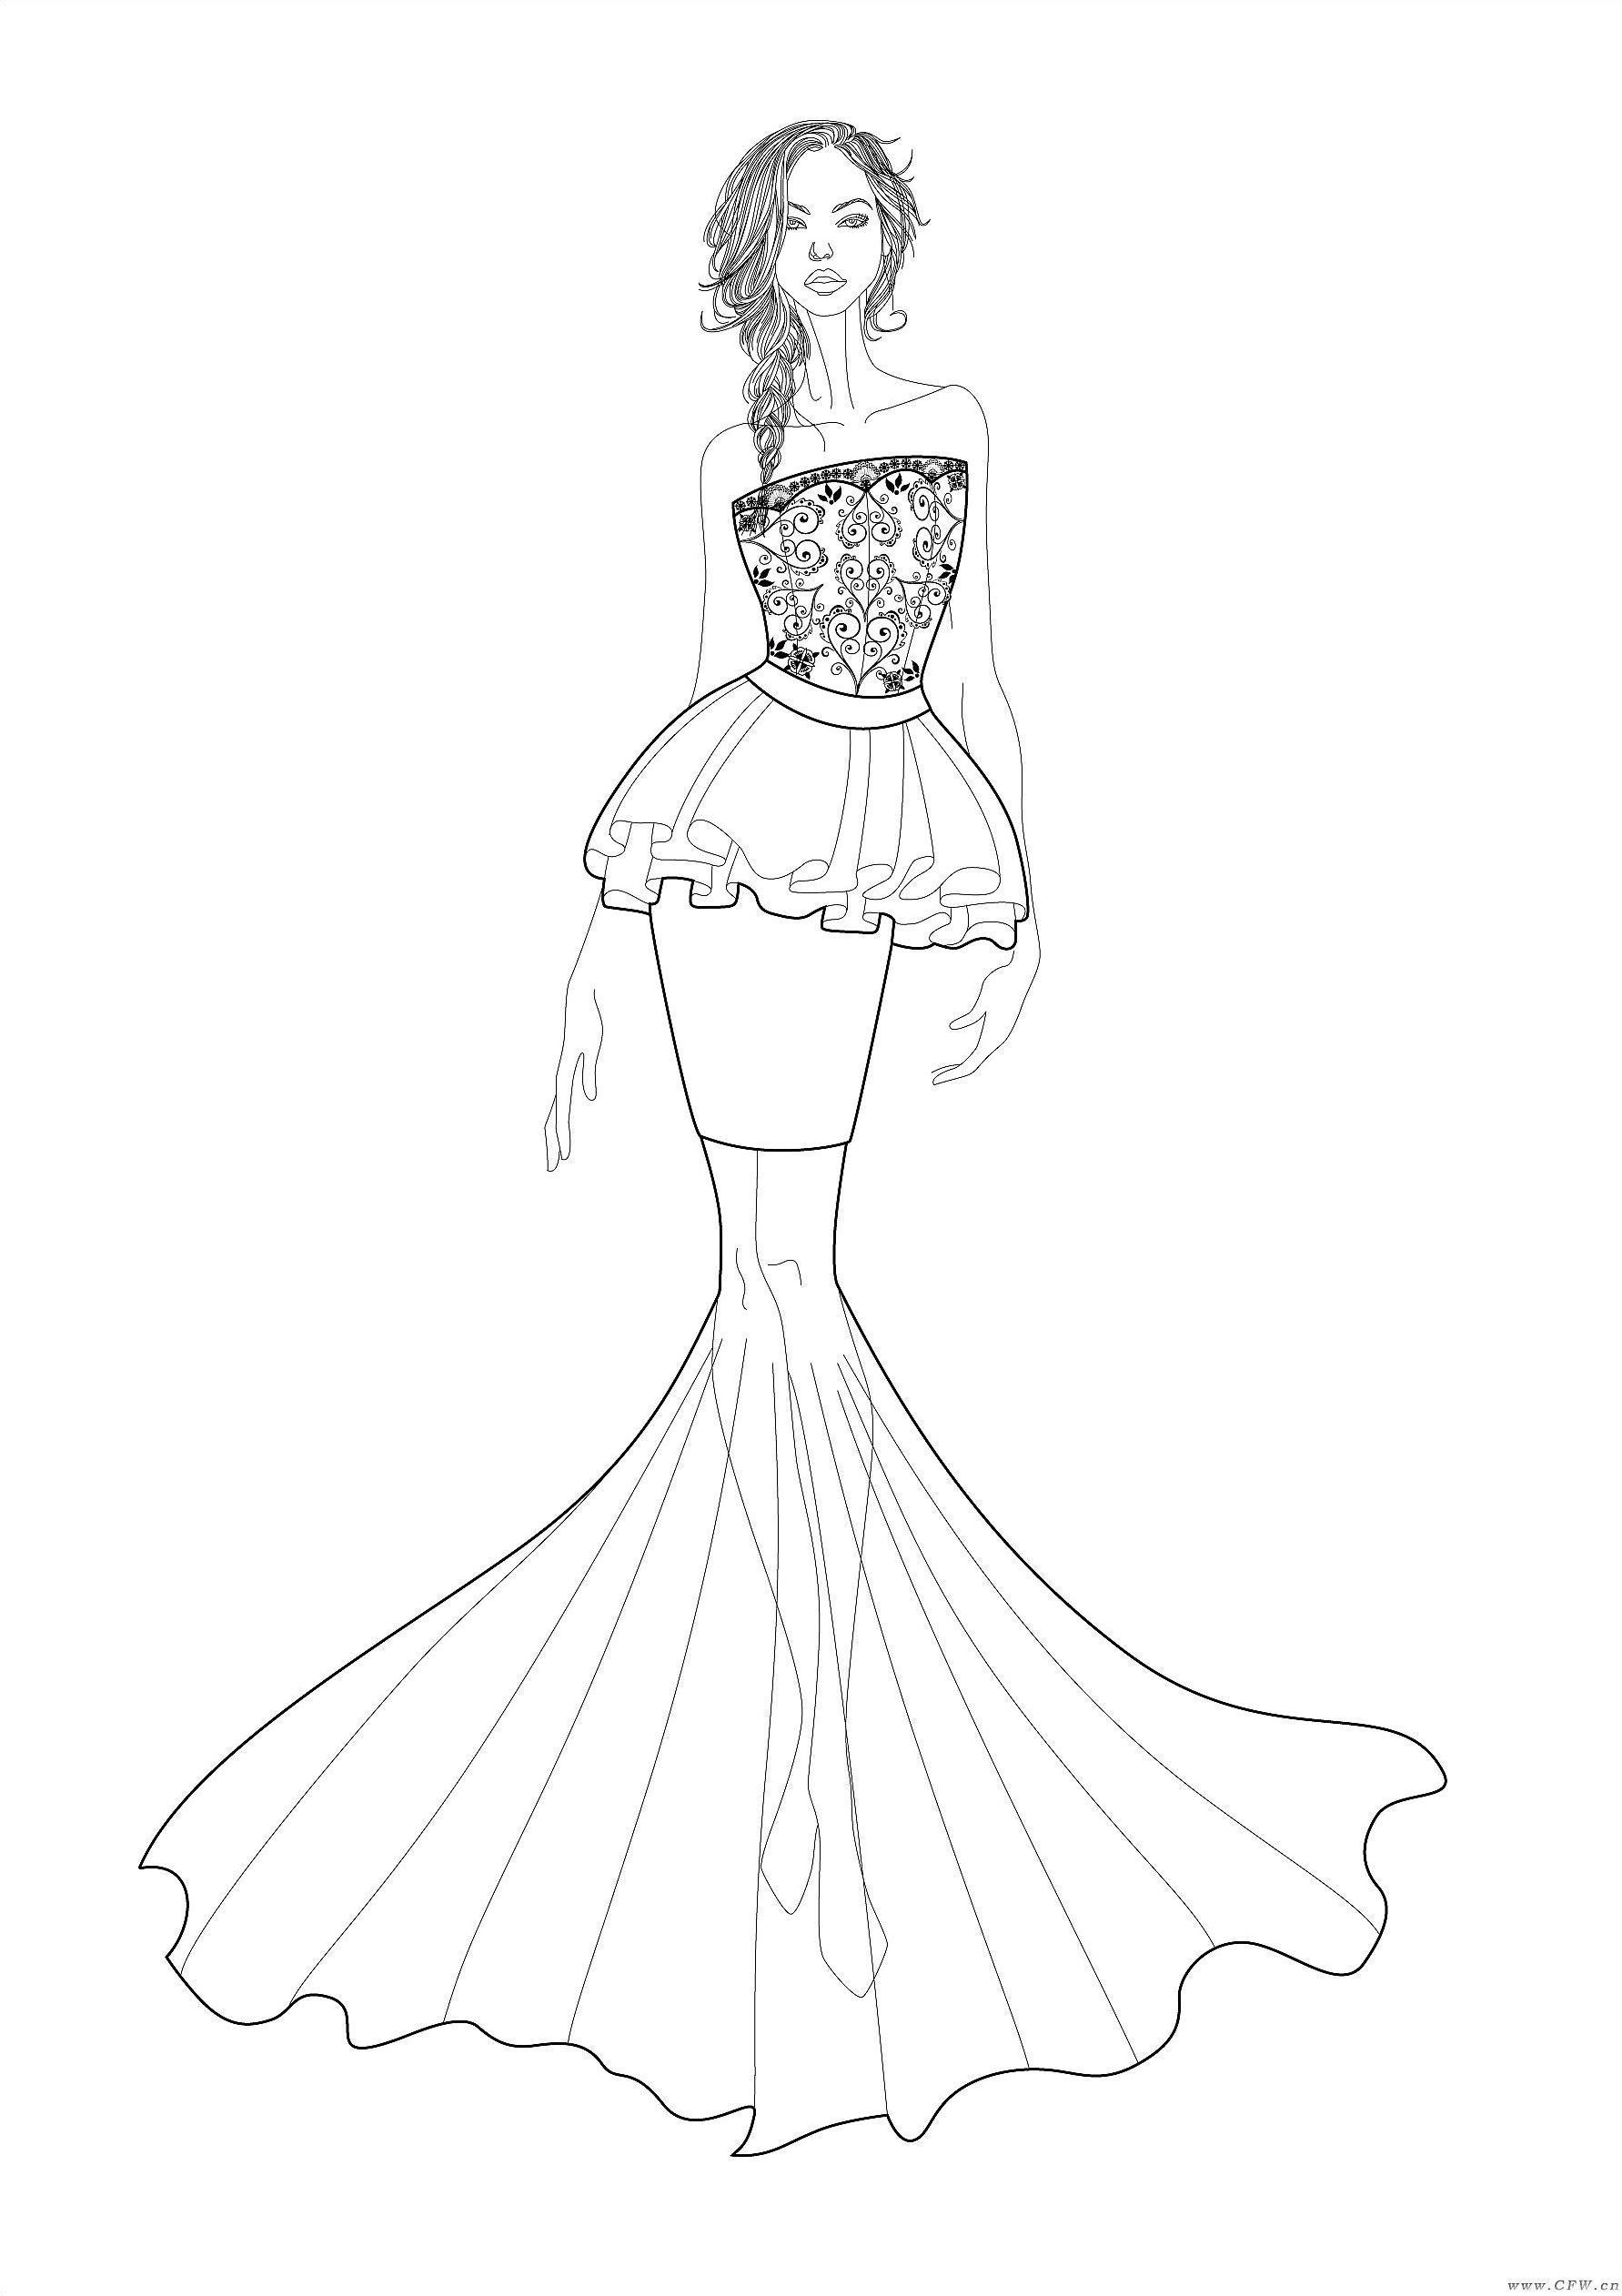 婚纱设计稿-婚纱礼服设计-服装设计